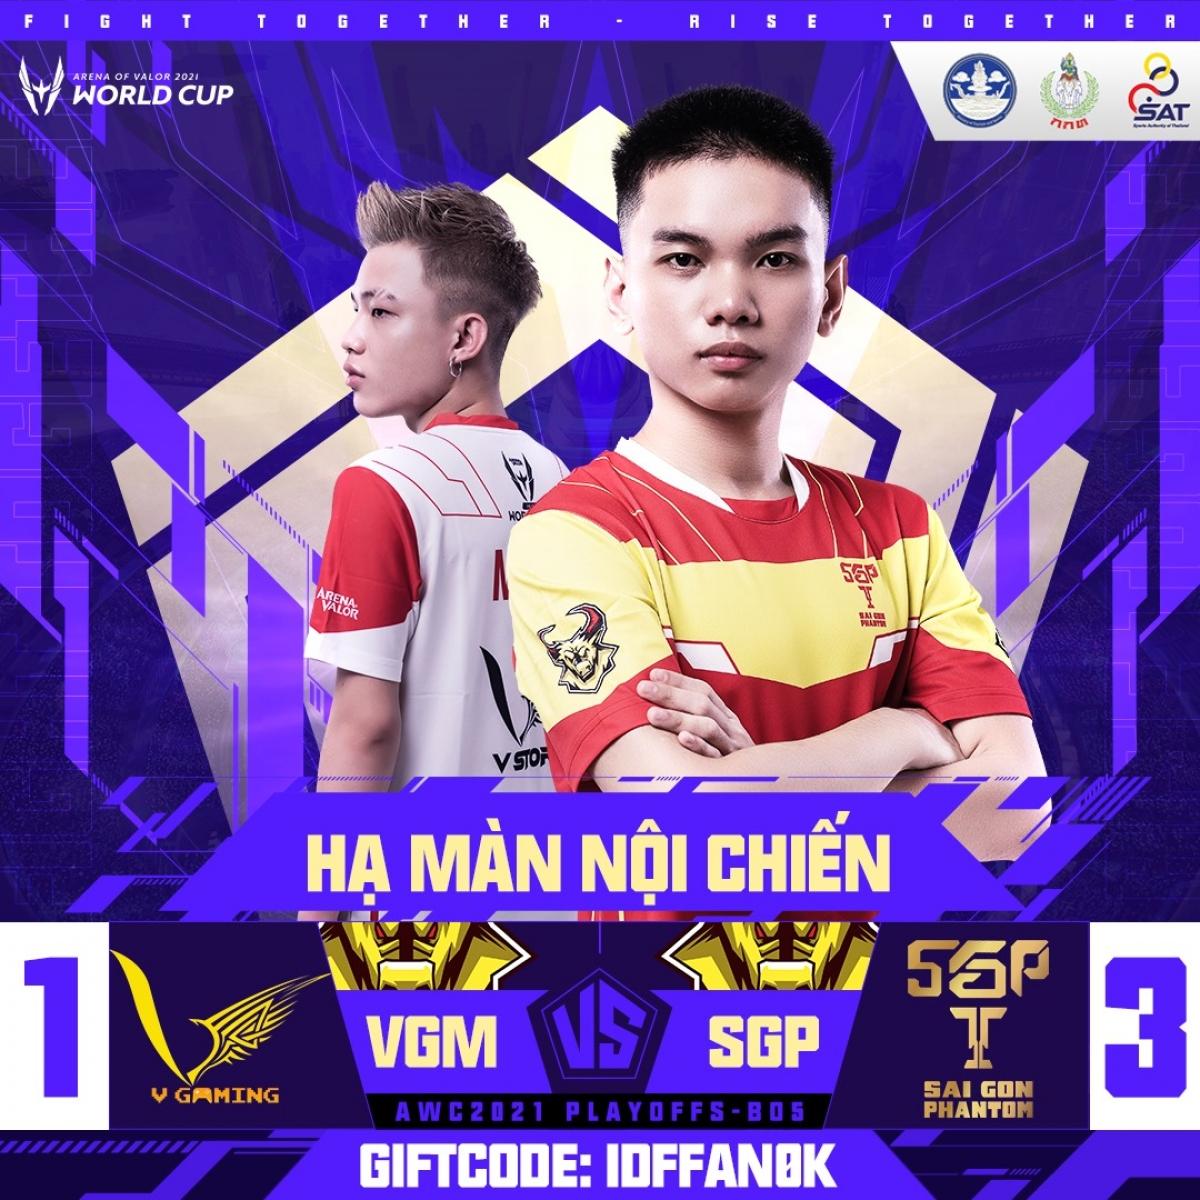 """Saigon Phantom thắng 3-1 trước V-Gaming ở màn """"huynh đệ tương tàn"""". (Ảnh: Cao thủ Liên quân)."""